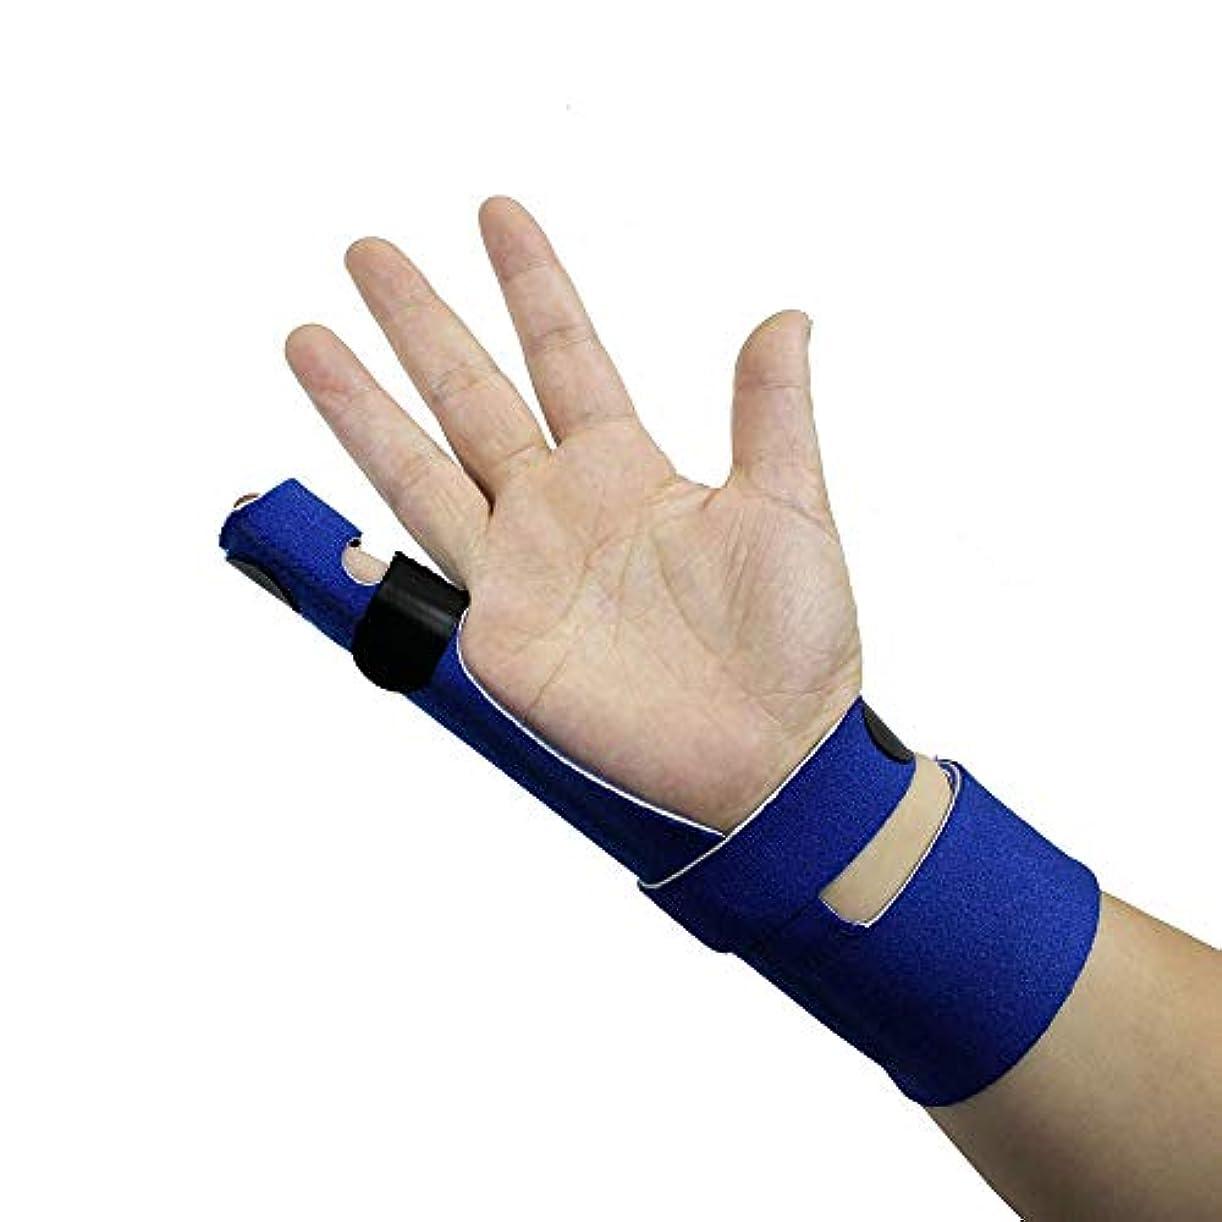 フィンガーエクステンションスプリント、腱炎の痛みの軽減、トリガーフィンガー、マレットフィンガー、関節炎フィンガースプリントの指の骨折または骨折